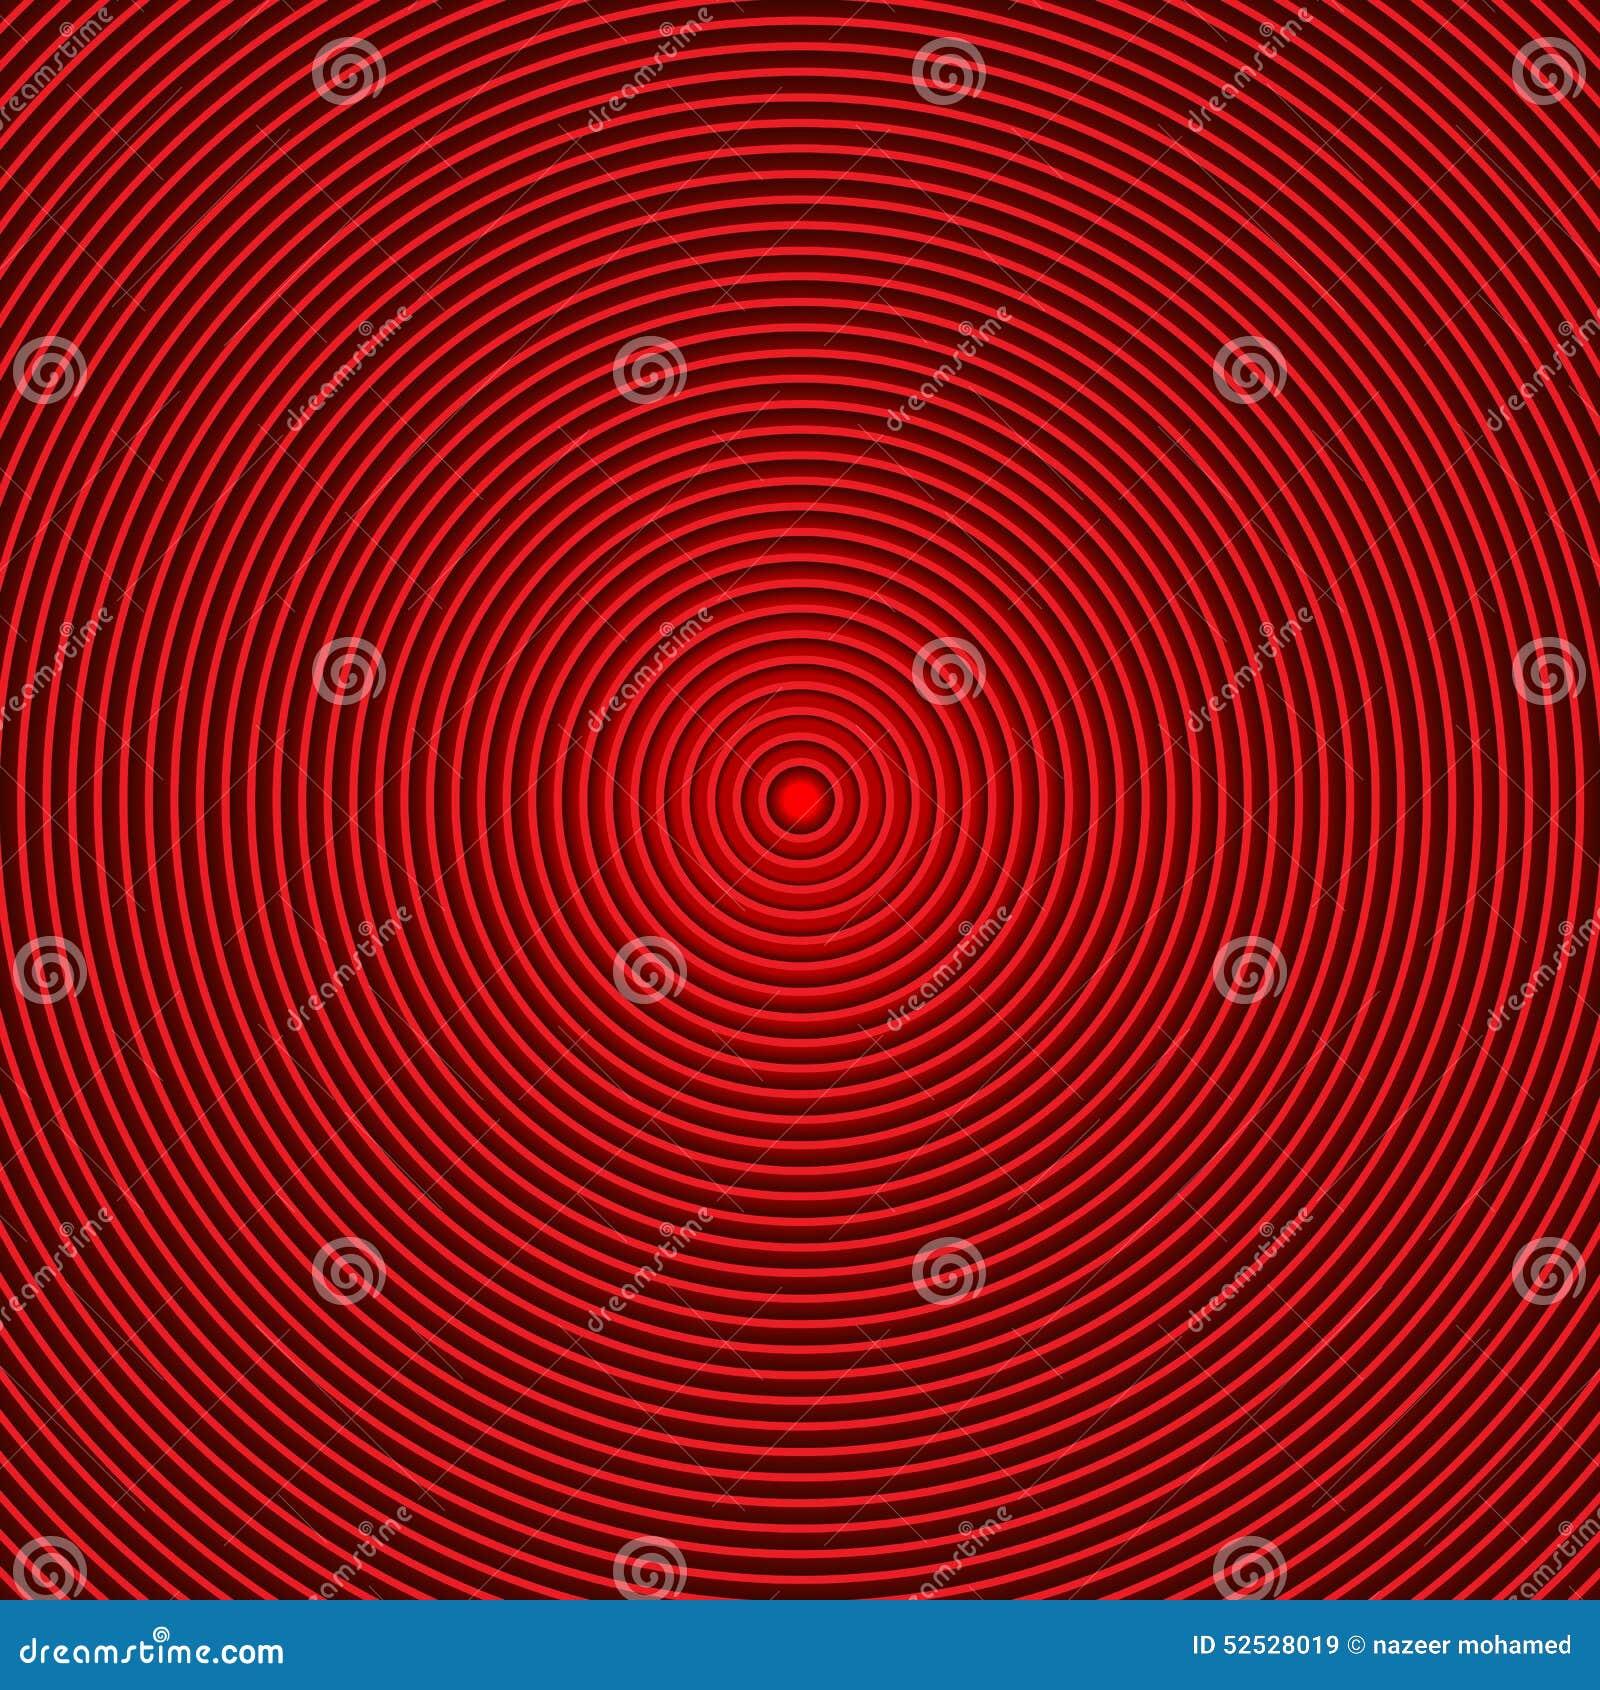 Fondo rojo de la textura, vector abstracto